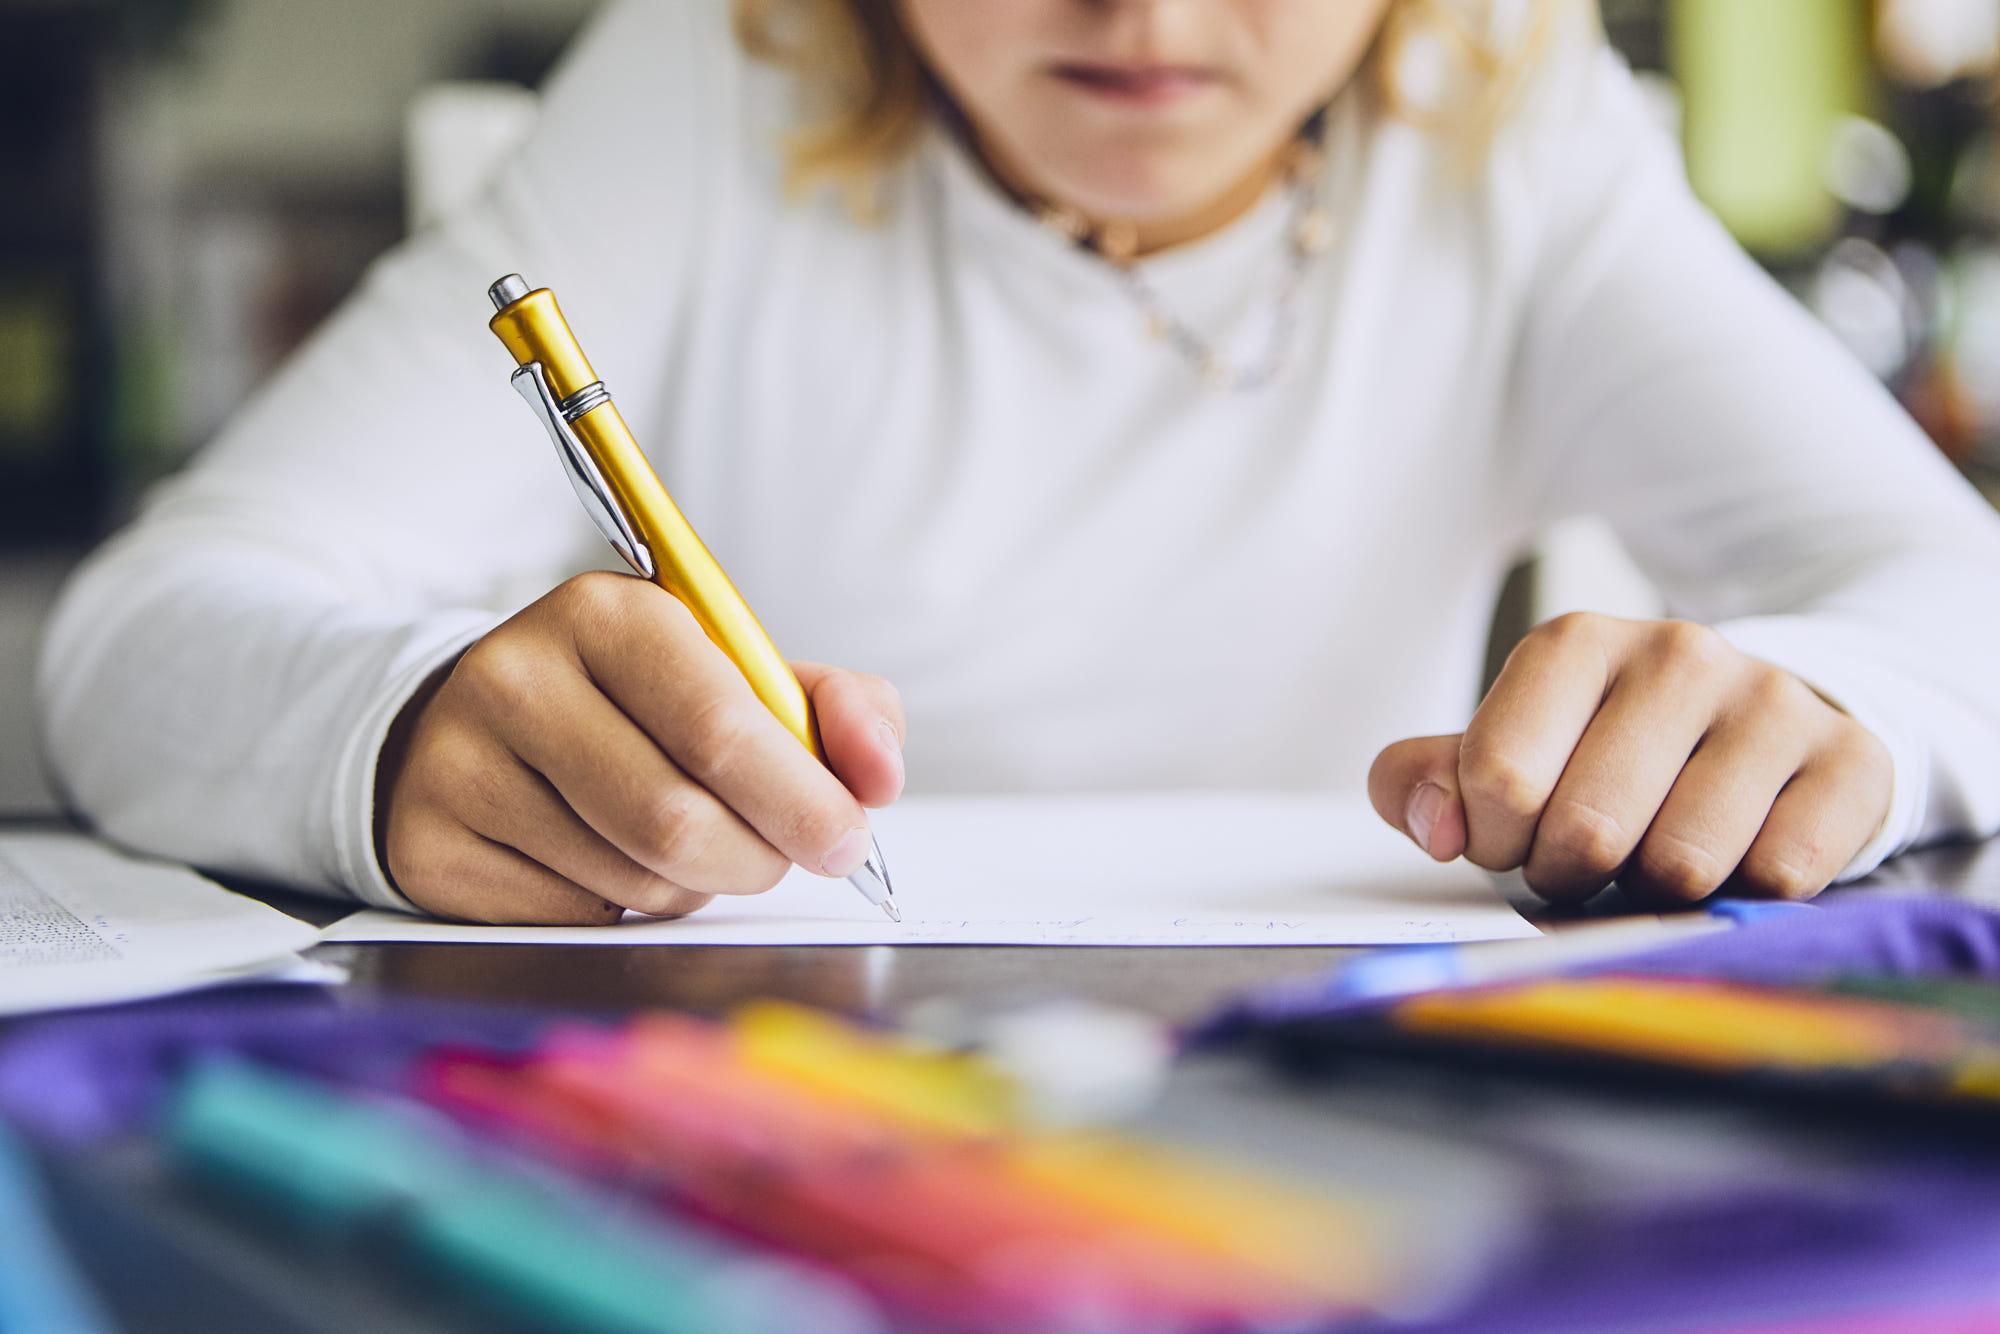 İnce motor becerileri, el yazısı ve yazı yazma… Bunların arasındaki ilişki nedir?